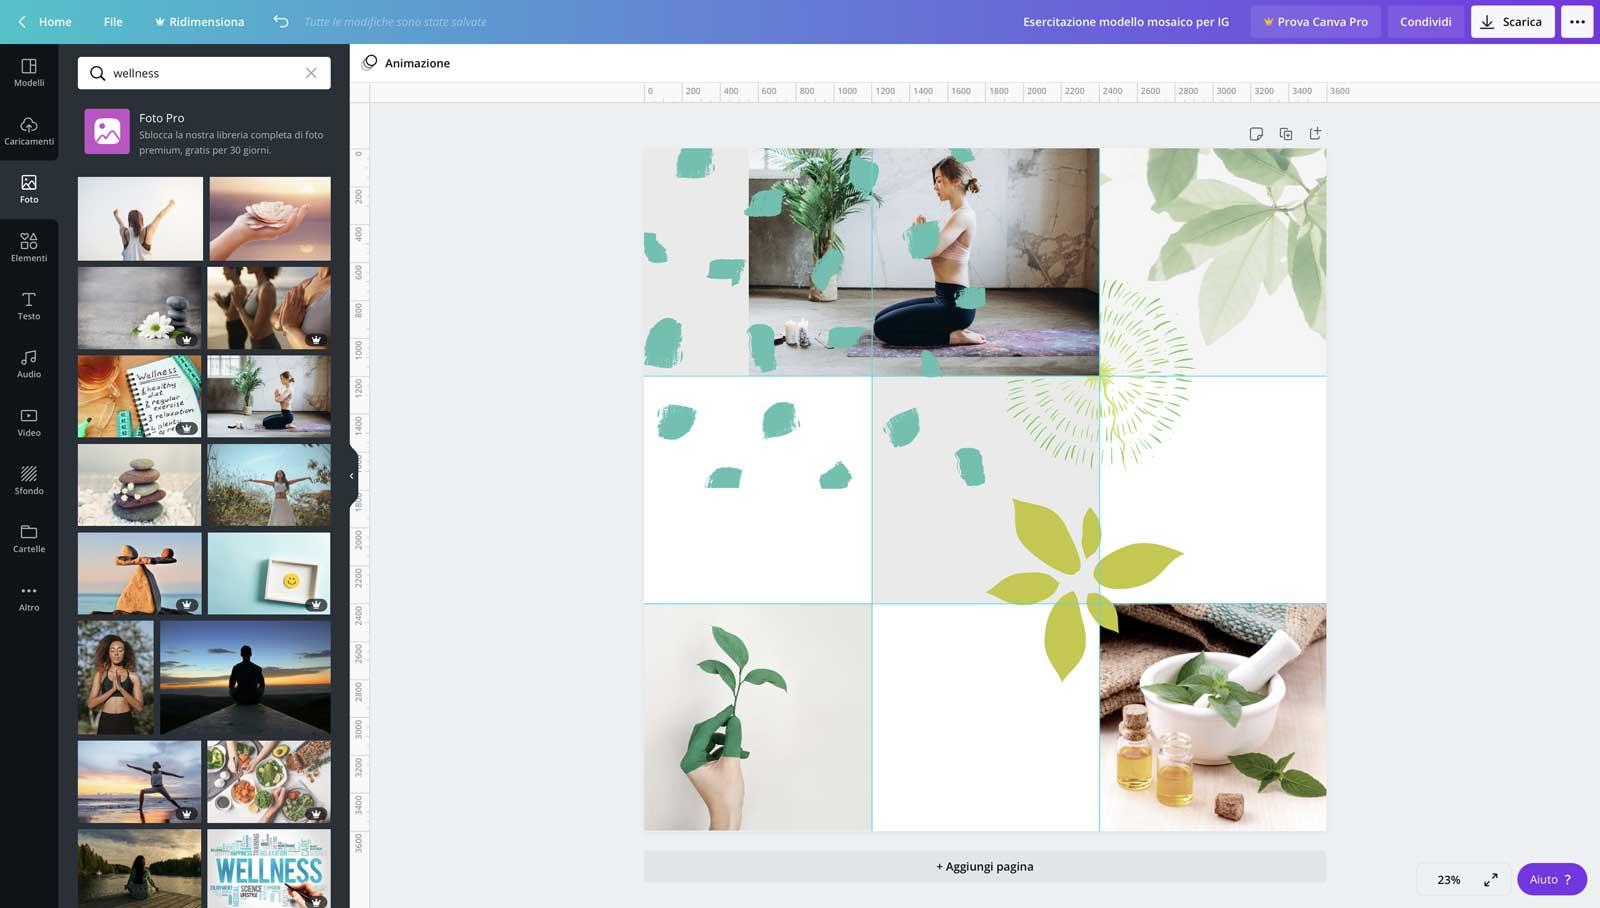 """5° step: inizia ad inserire delle foto pertinenti e falle pure """"accavallare"""" fra un quadretto e l'altro come nel caso della ragazza che fa yoga - feed mosaico in Canva"""